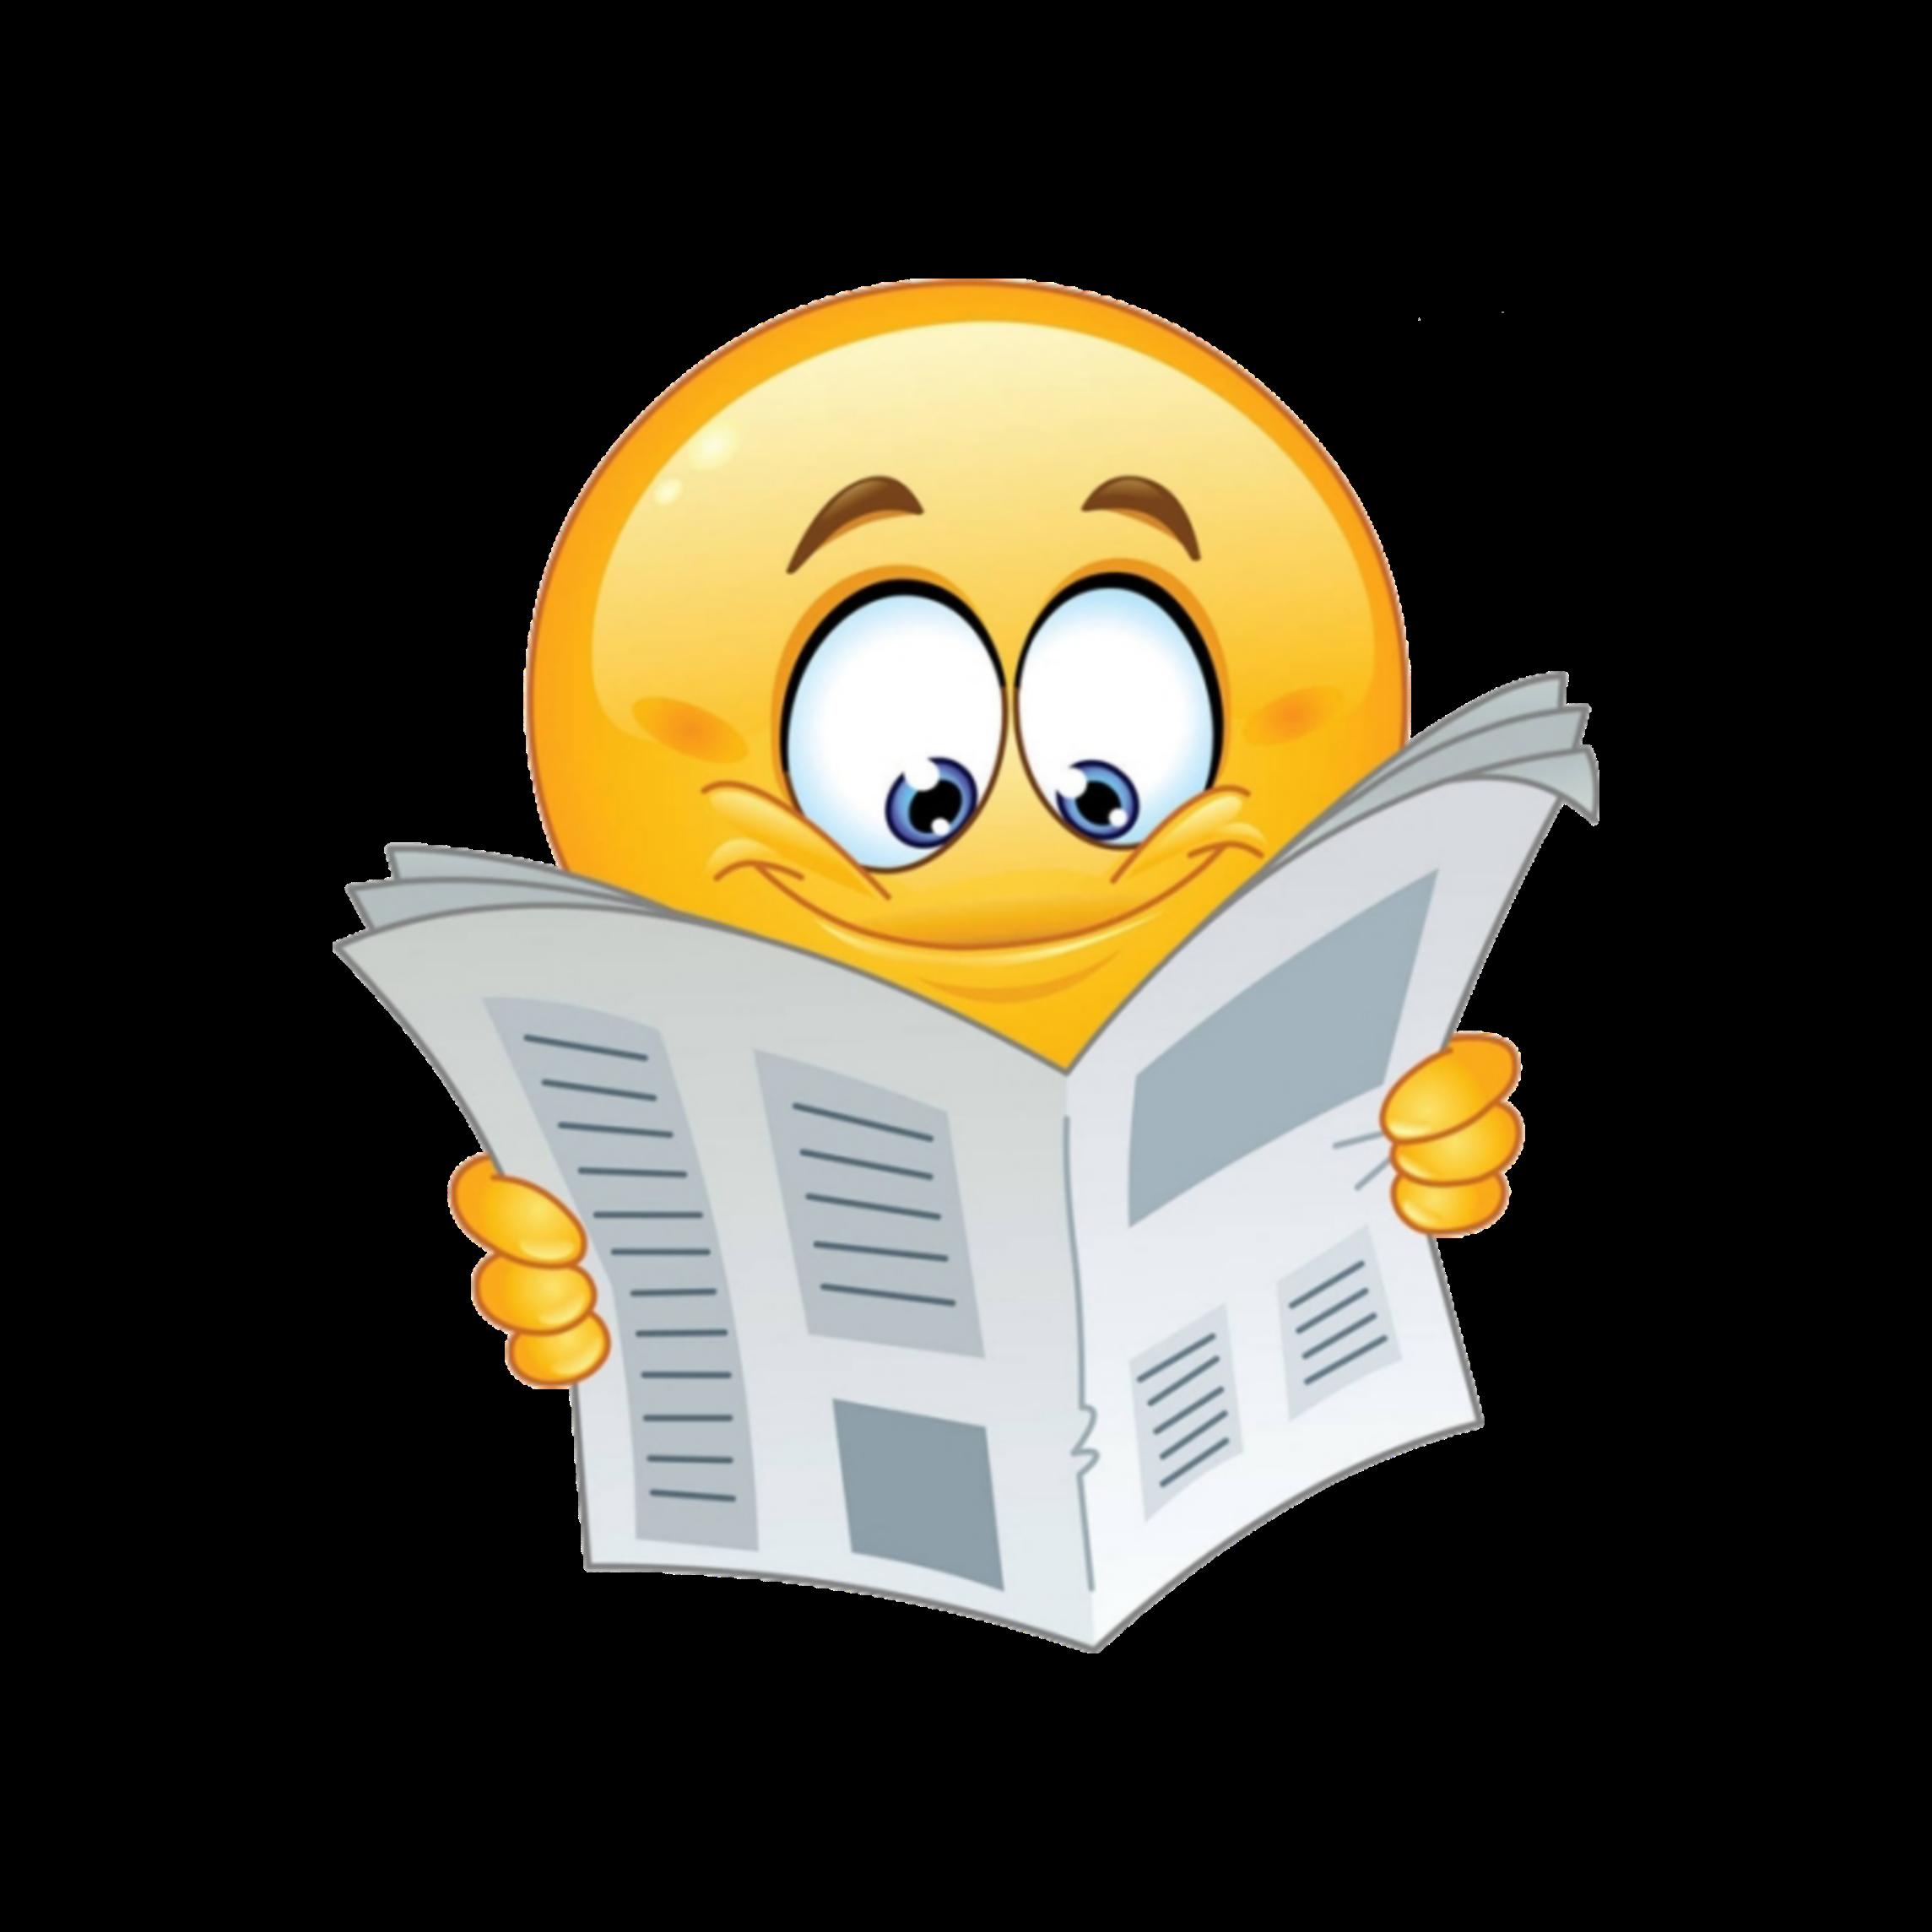 картинки с читающими смайлик рецепт знания